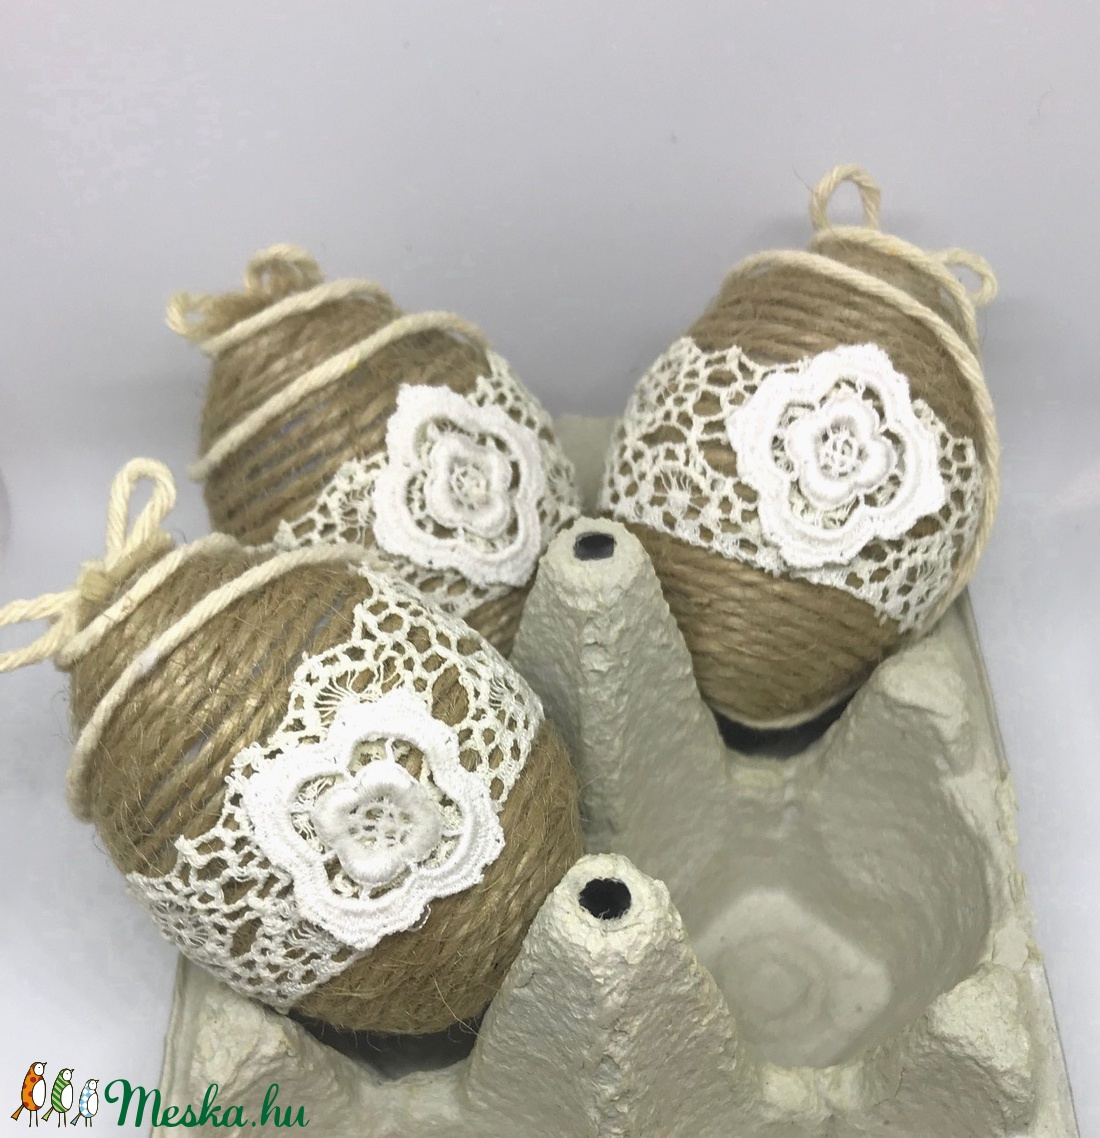 Húsvéti tojás klasszikus 3 db-os - természetes anyagokból - ünnepi dekoráció - kézzel készült - függeszthető dísz (Edian) - Meska.hu